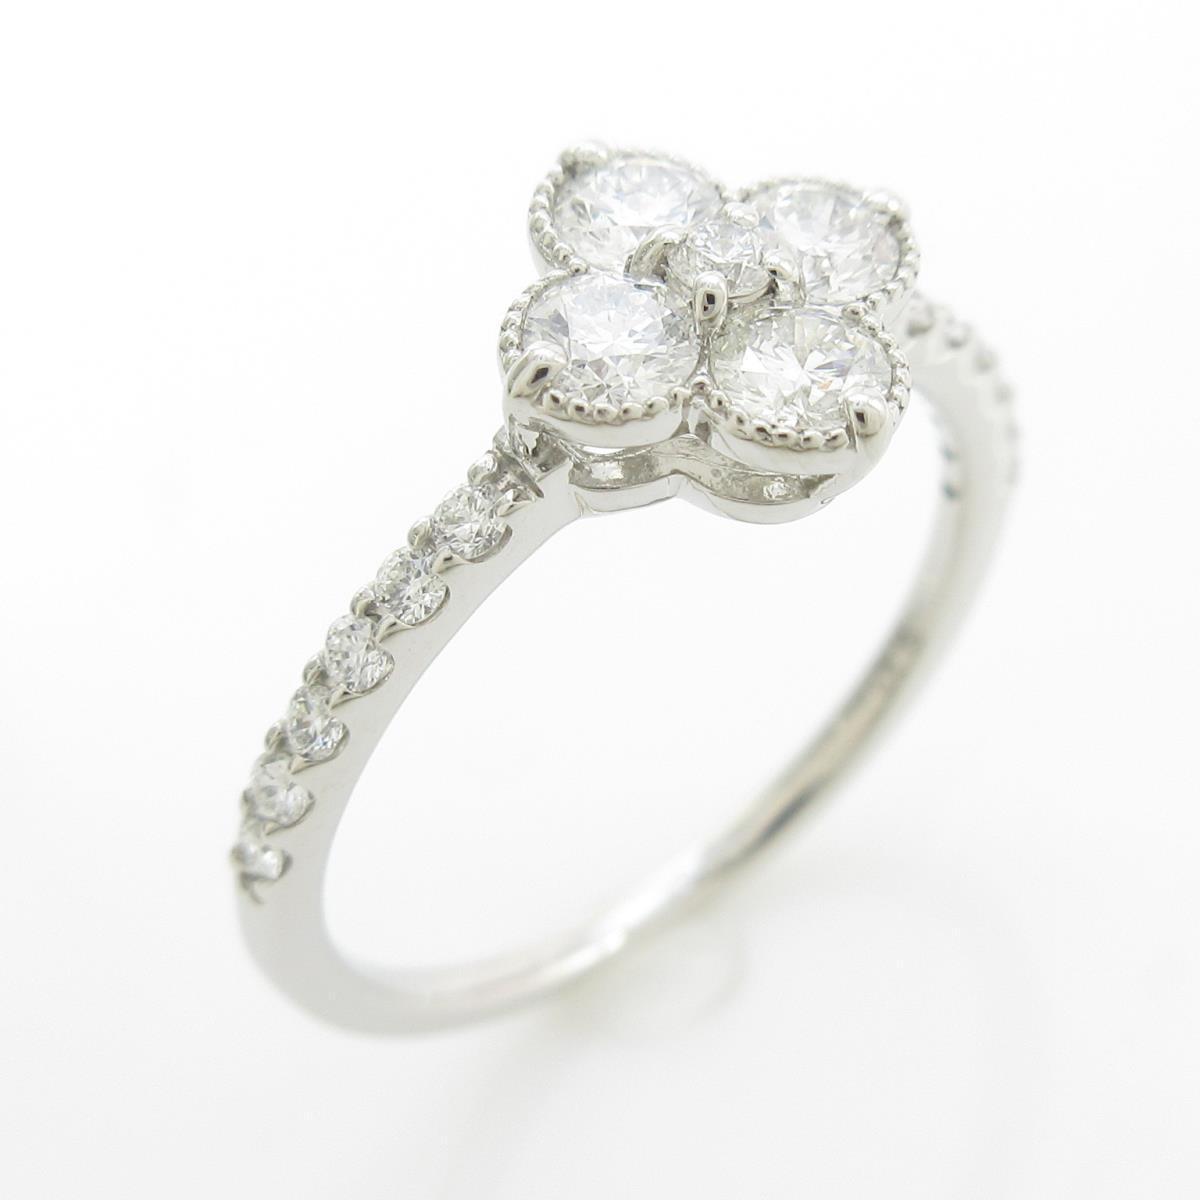 【新品】プラチナダイヤモンドリング 0.381ct・E-F・SI1-2・EXT-GOOD【新品】